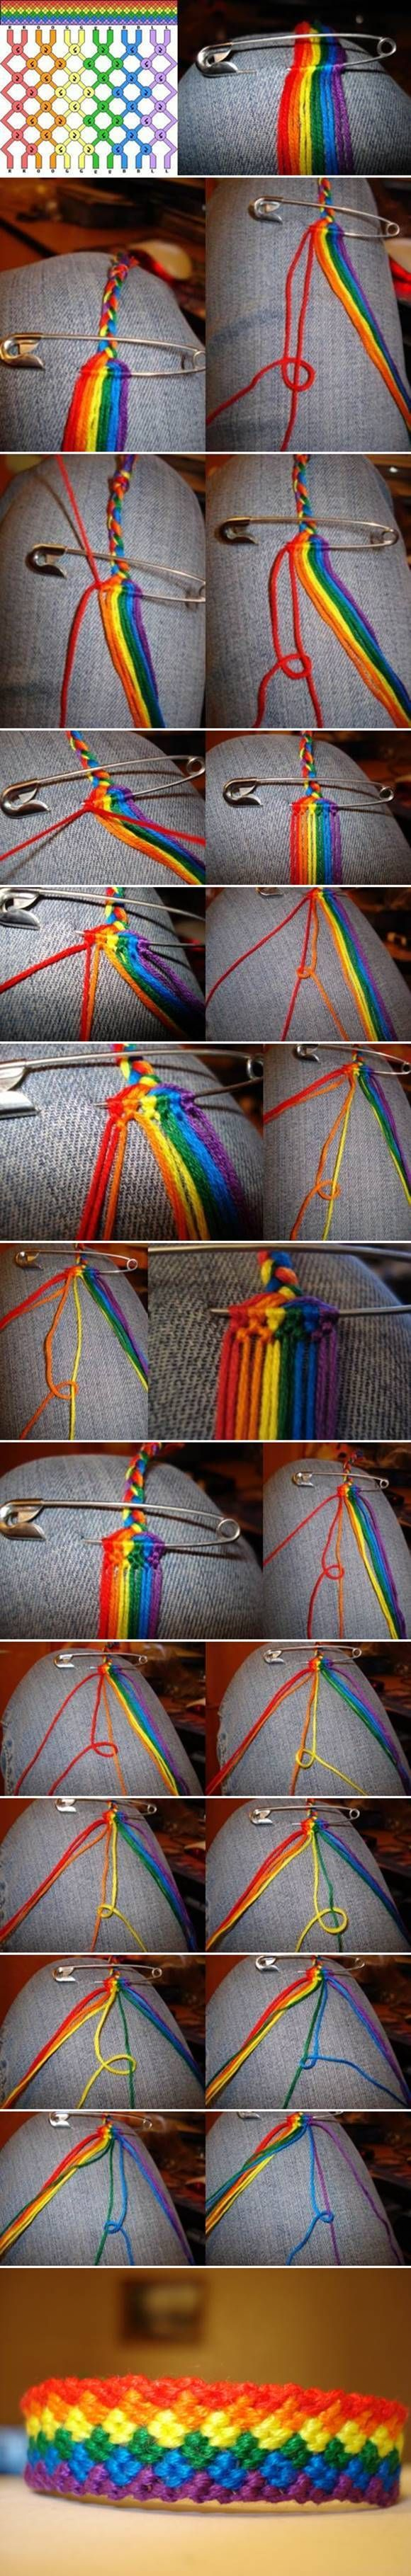 How to DIY Weave Rainbow Color Baubles Bracelet